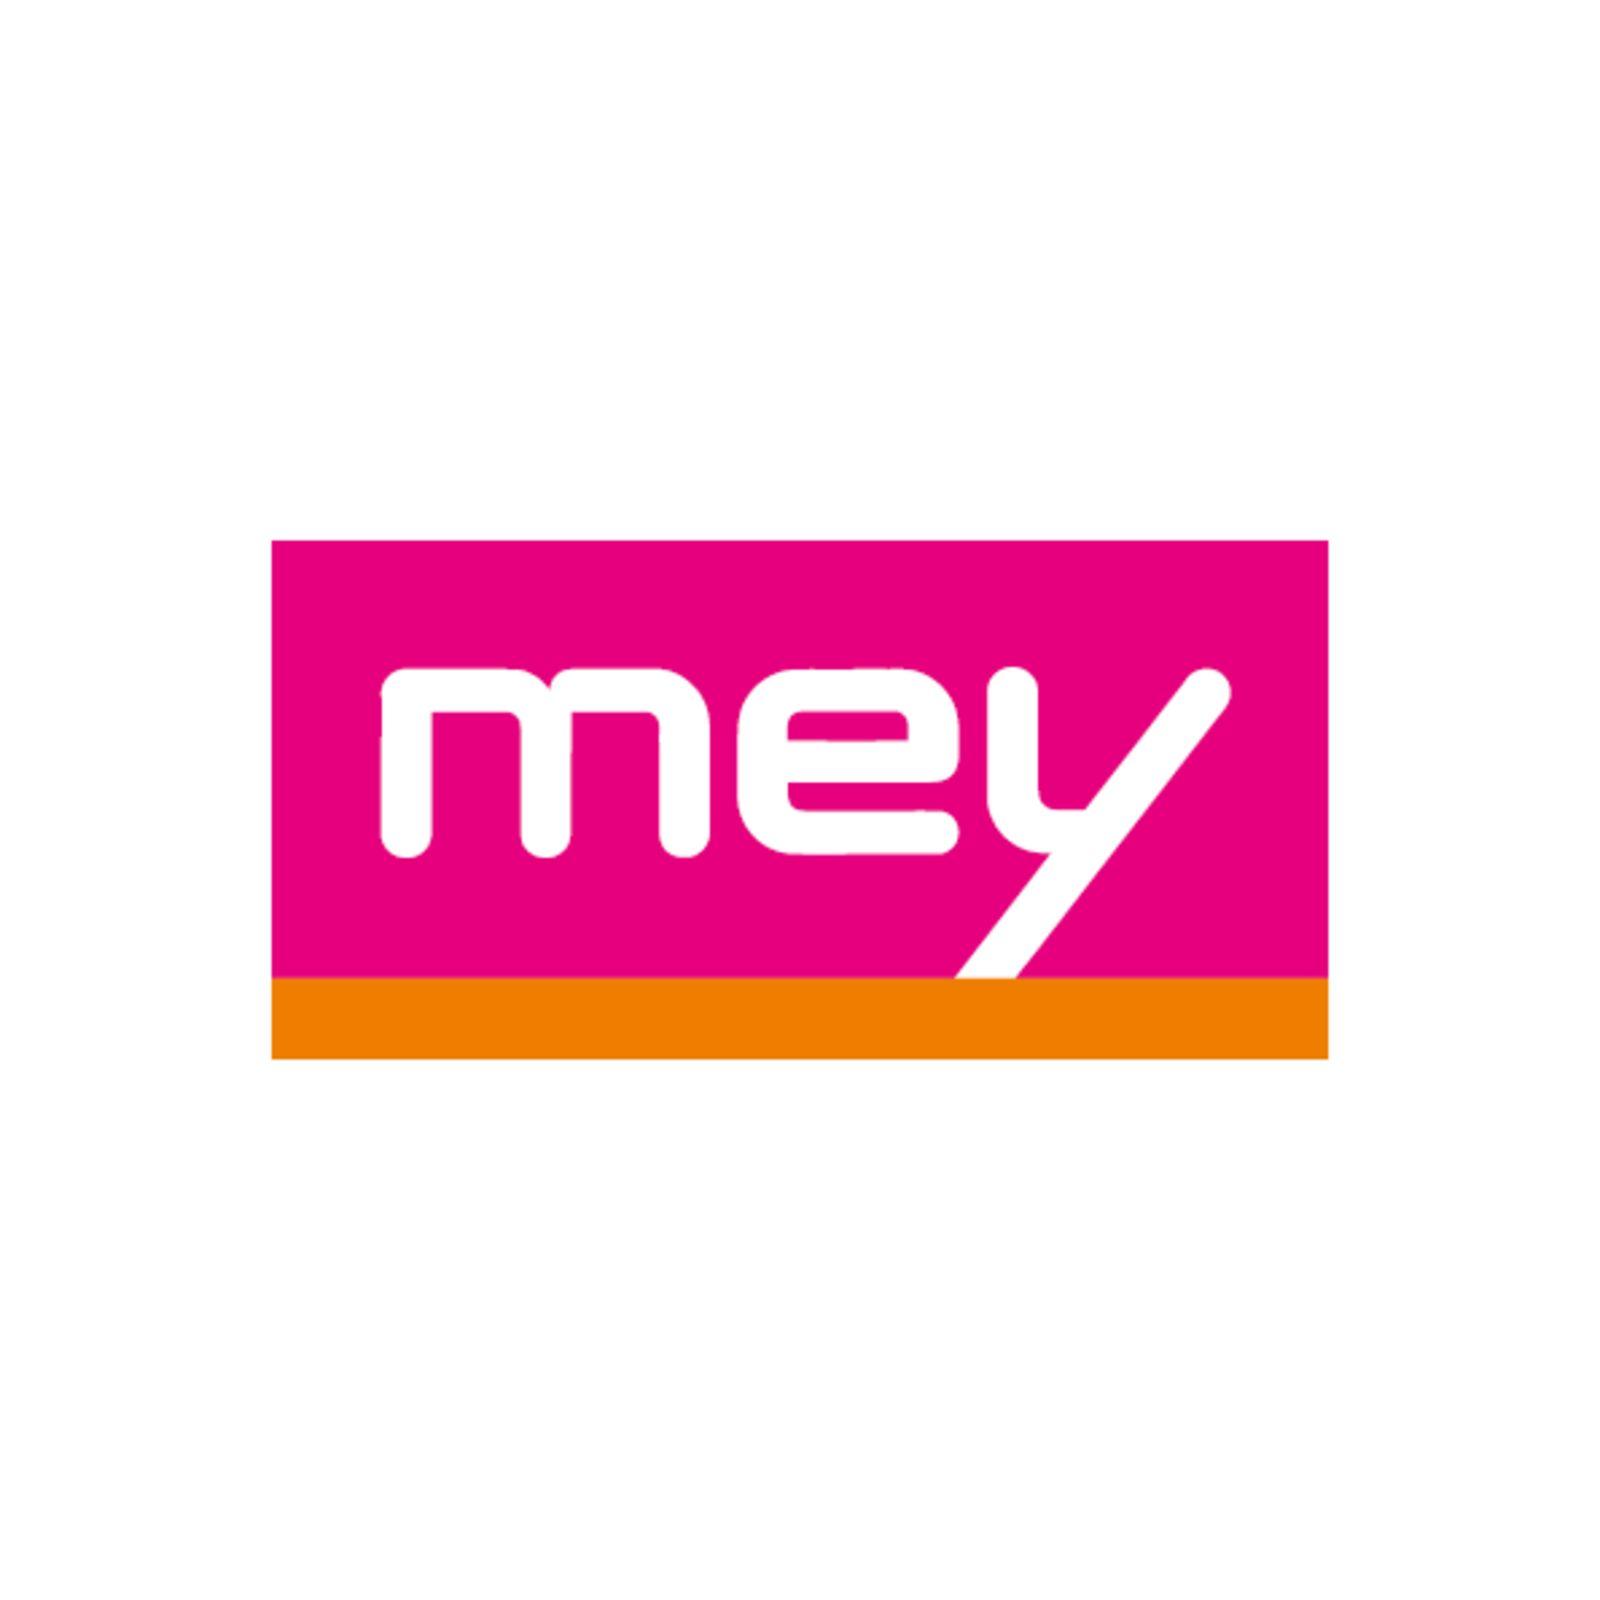 mey (Bild 1)